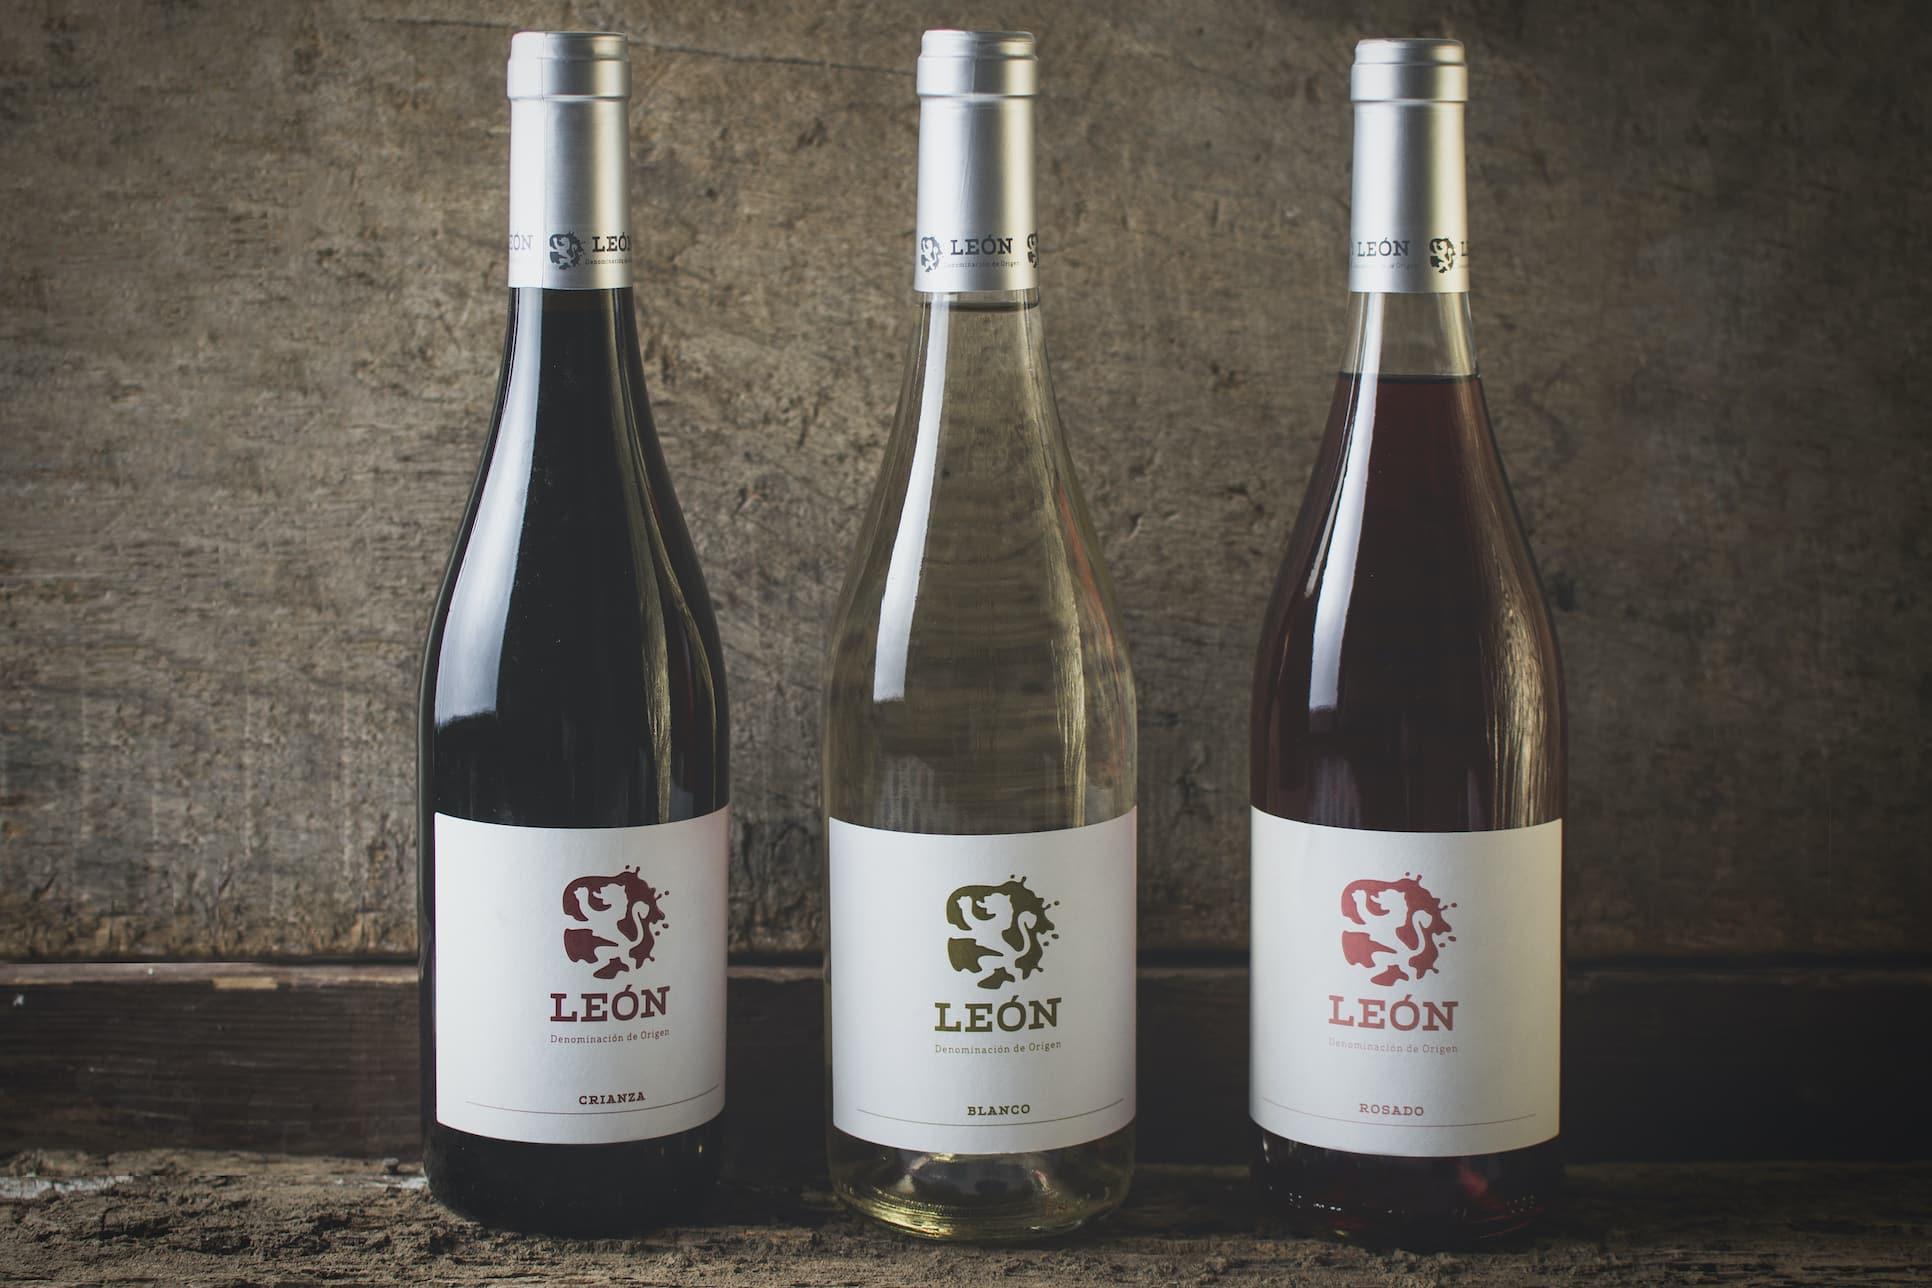 Vino de León. Botellas de vino DO León tinto, rosado y blanco.